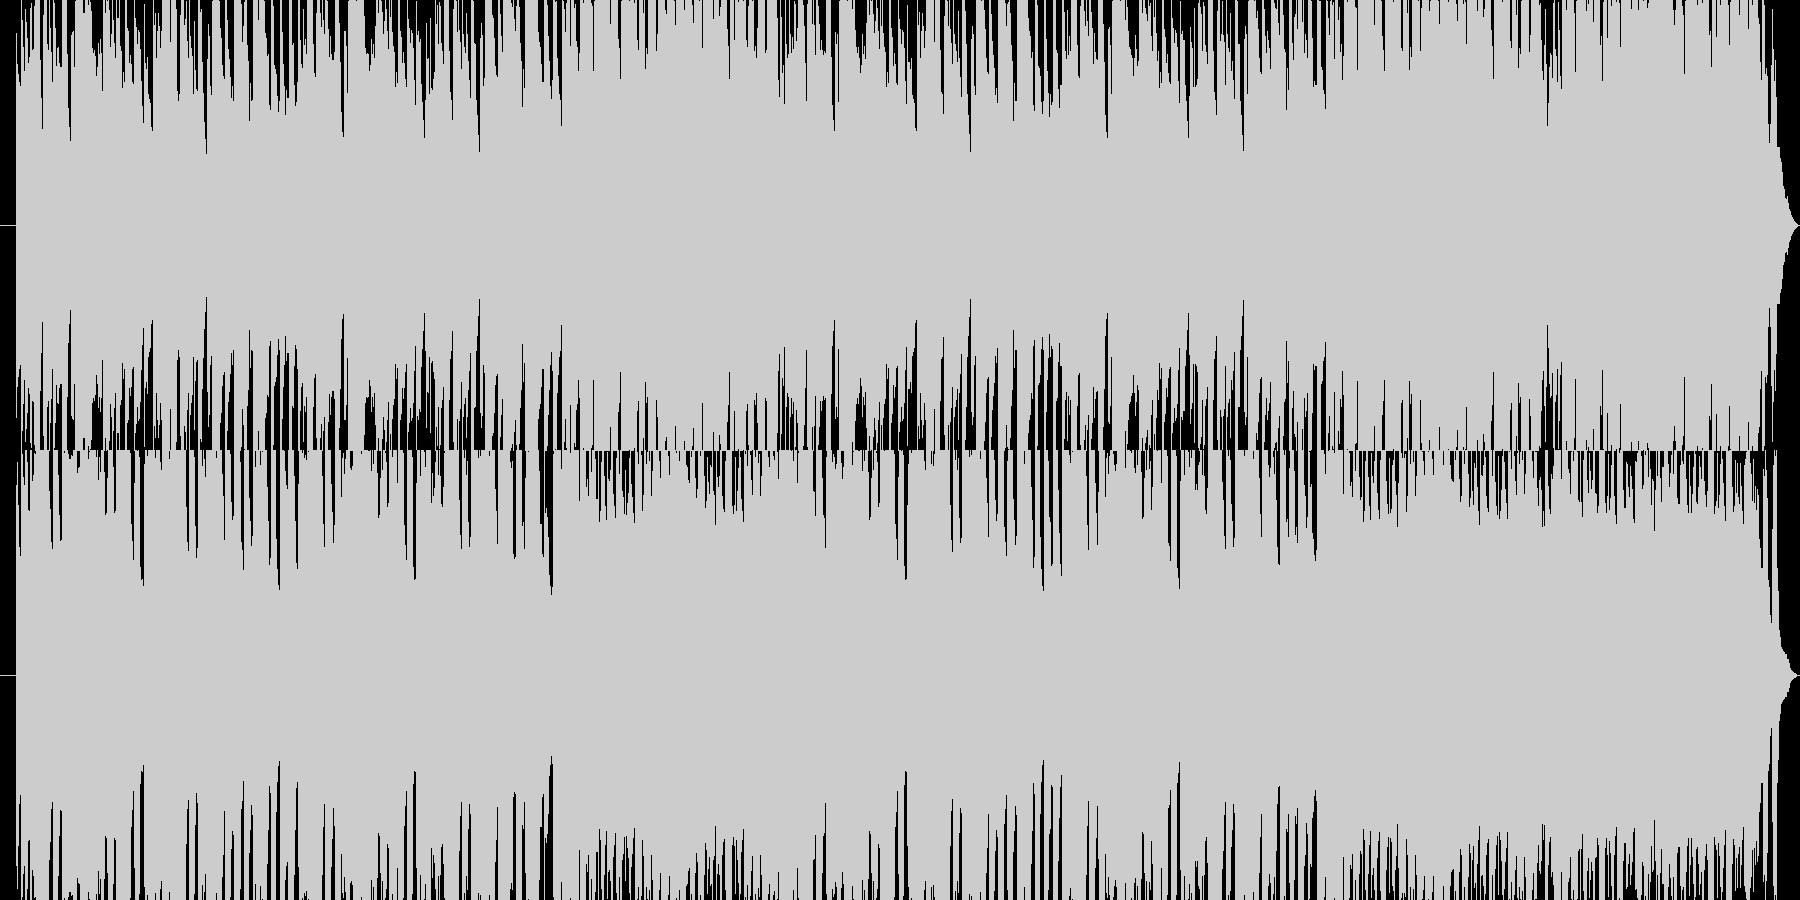 オルゴールによる謎めいた空間ワルツの未再生の波形